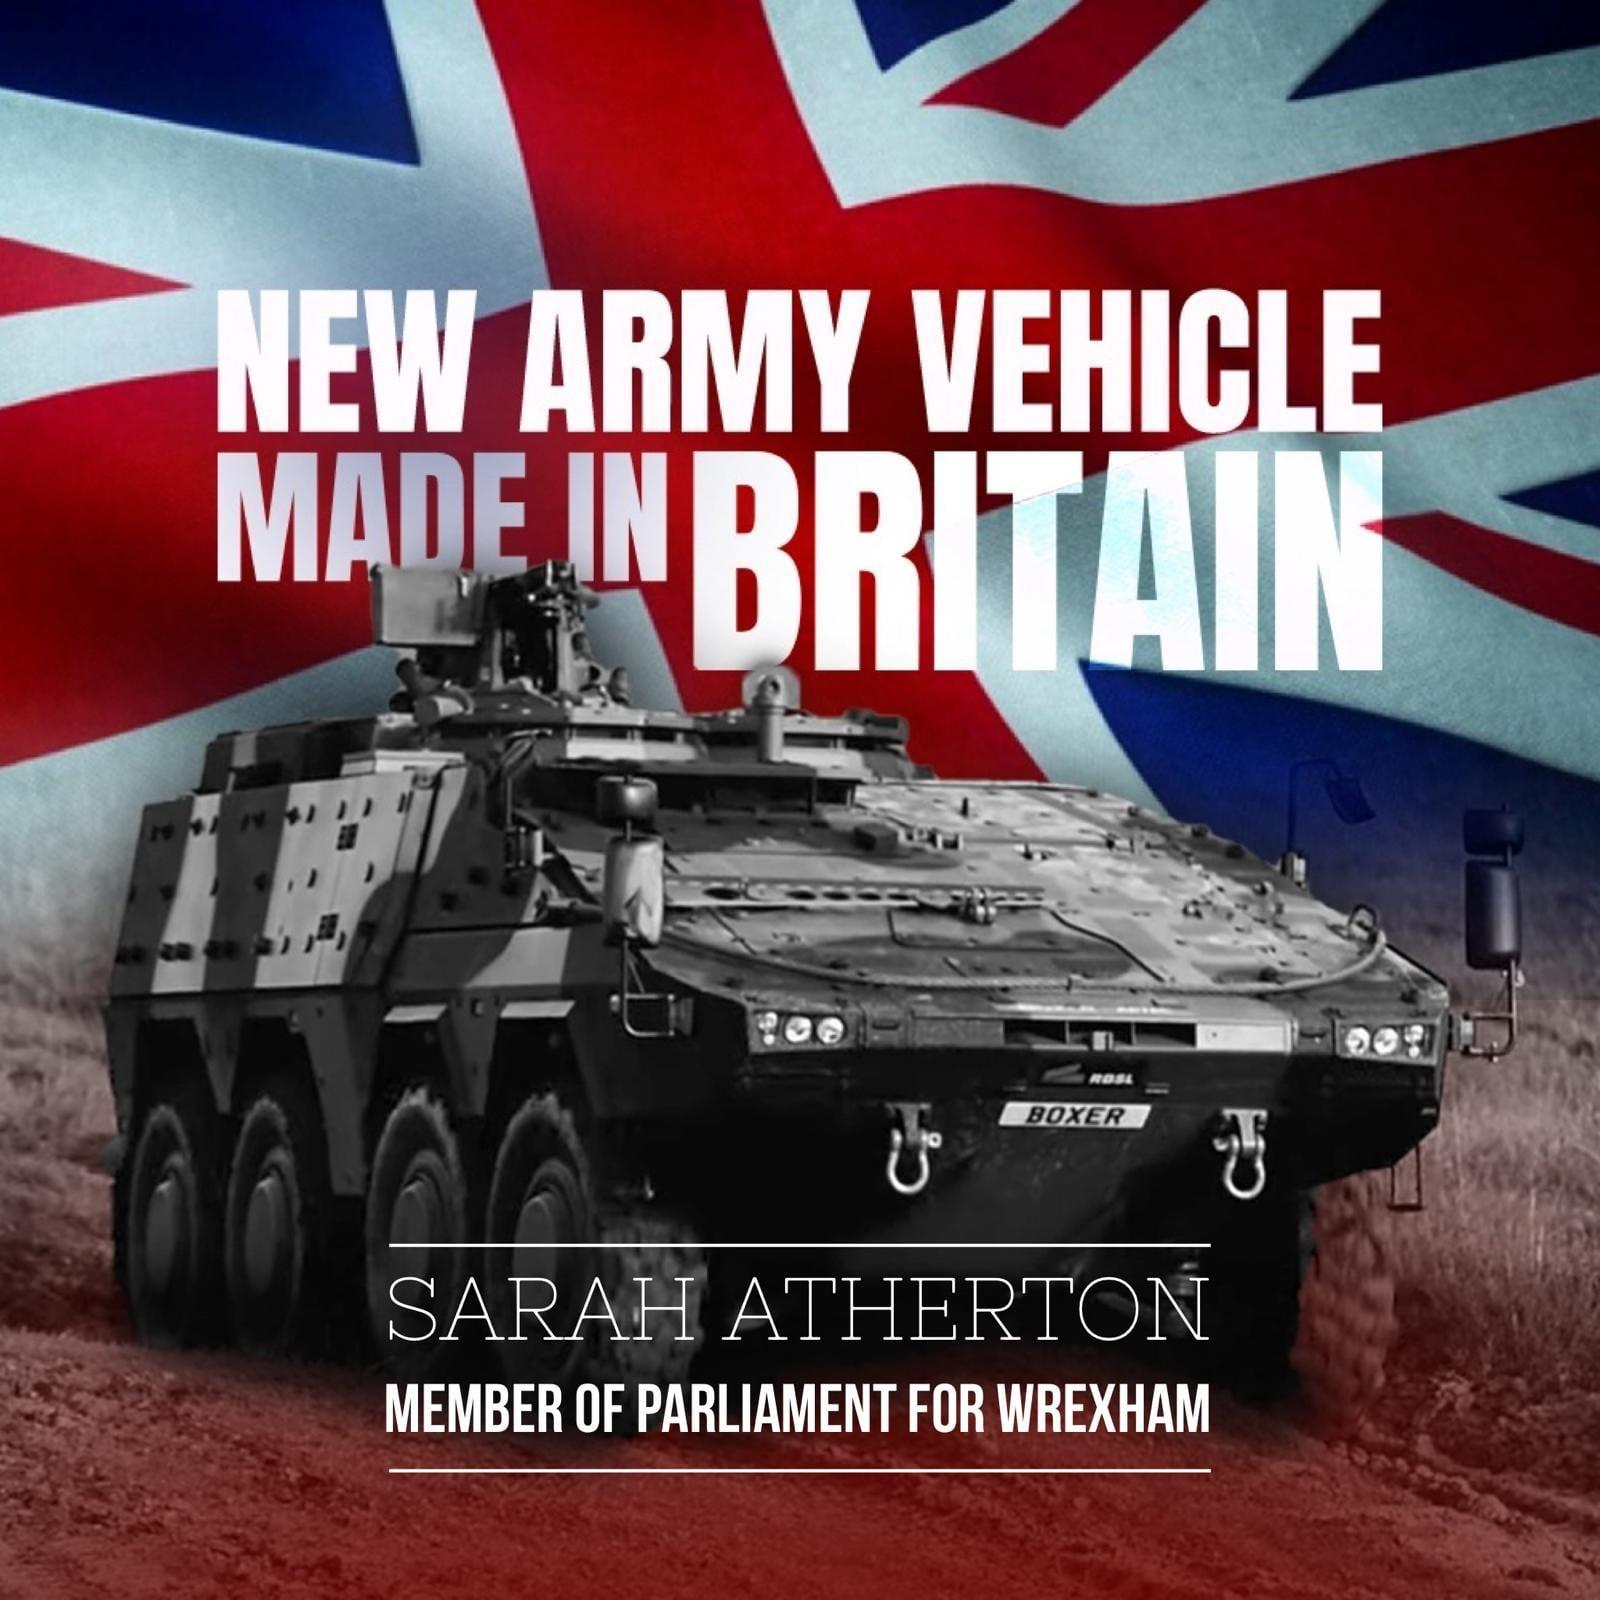 Sarah Atherton